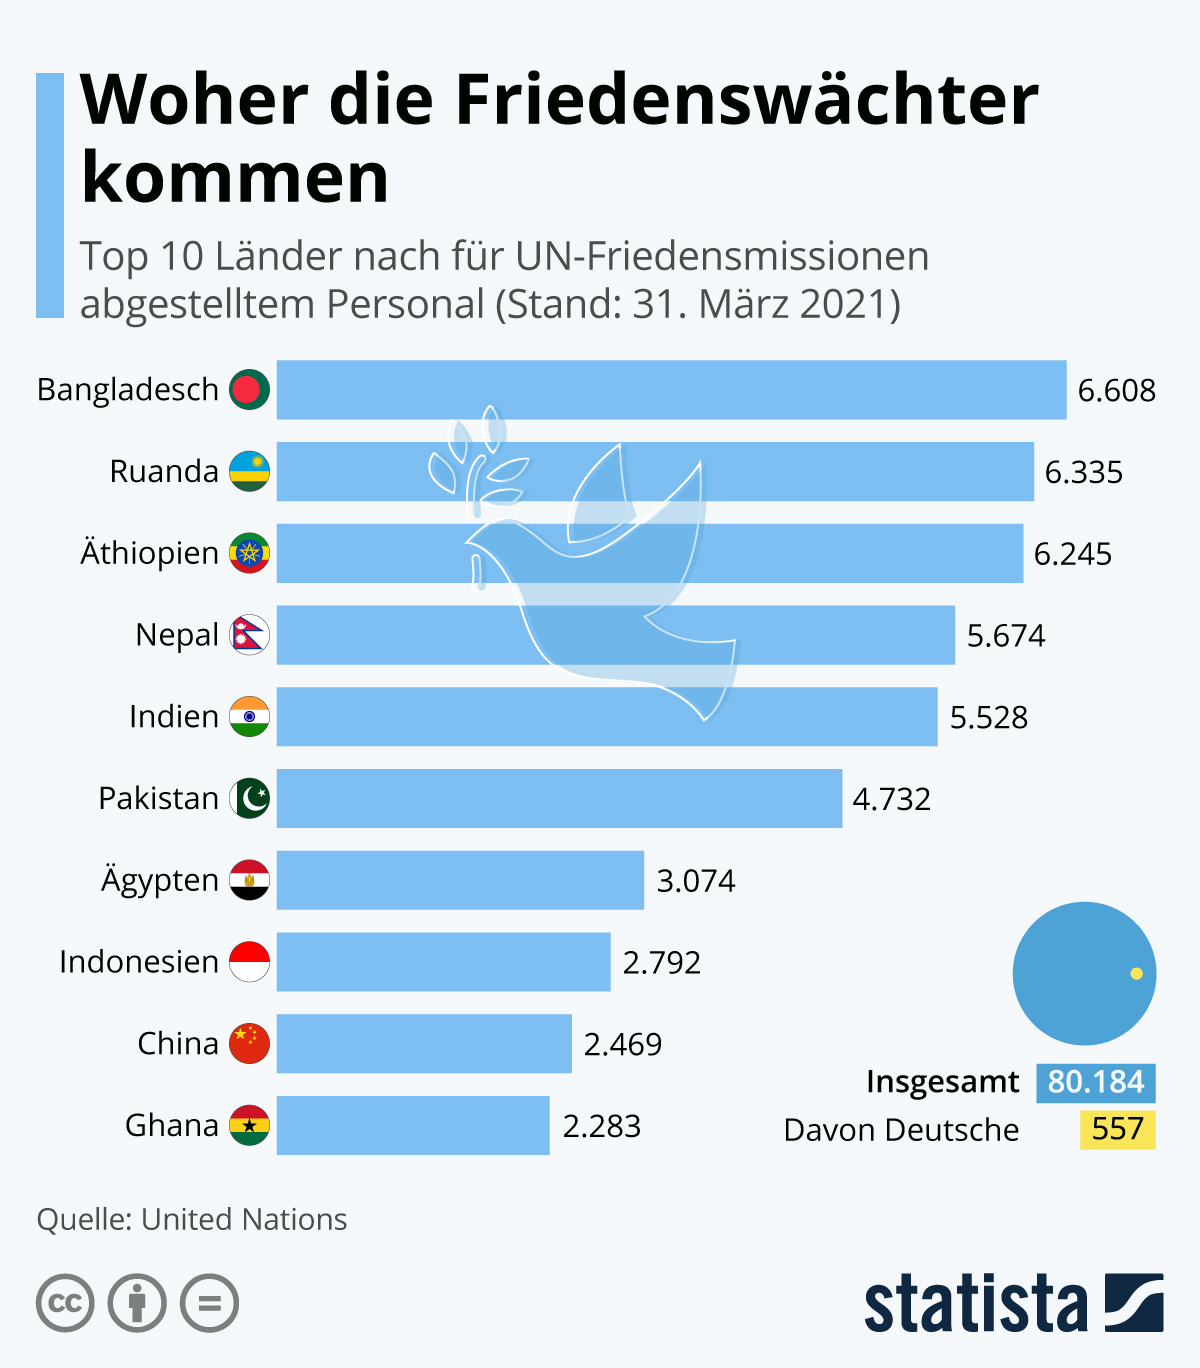 Woher die Friedenswächter kommen | Statista